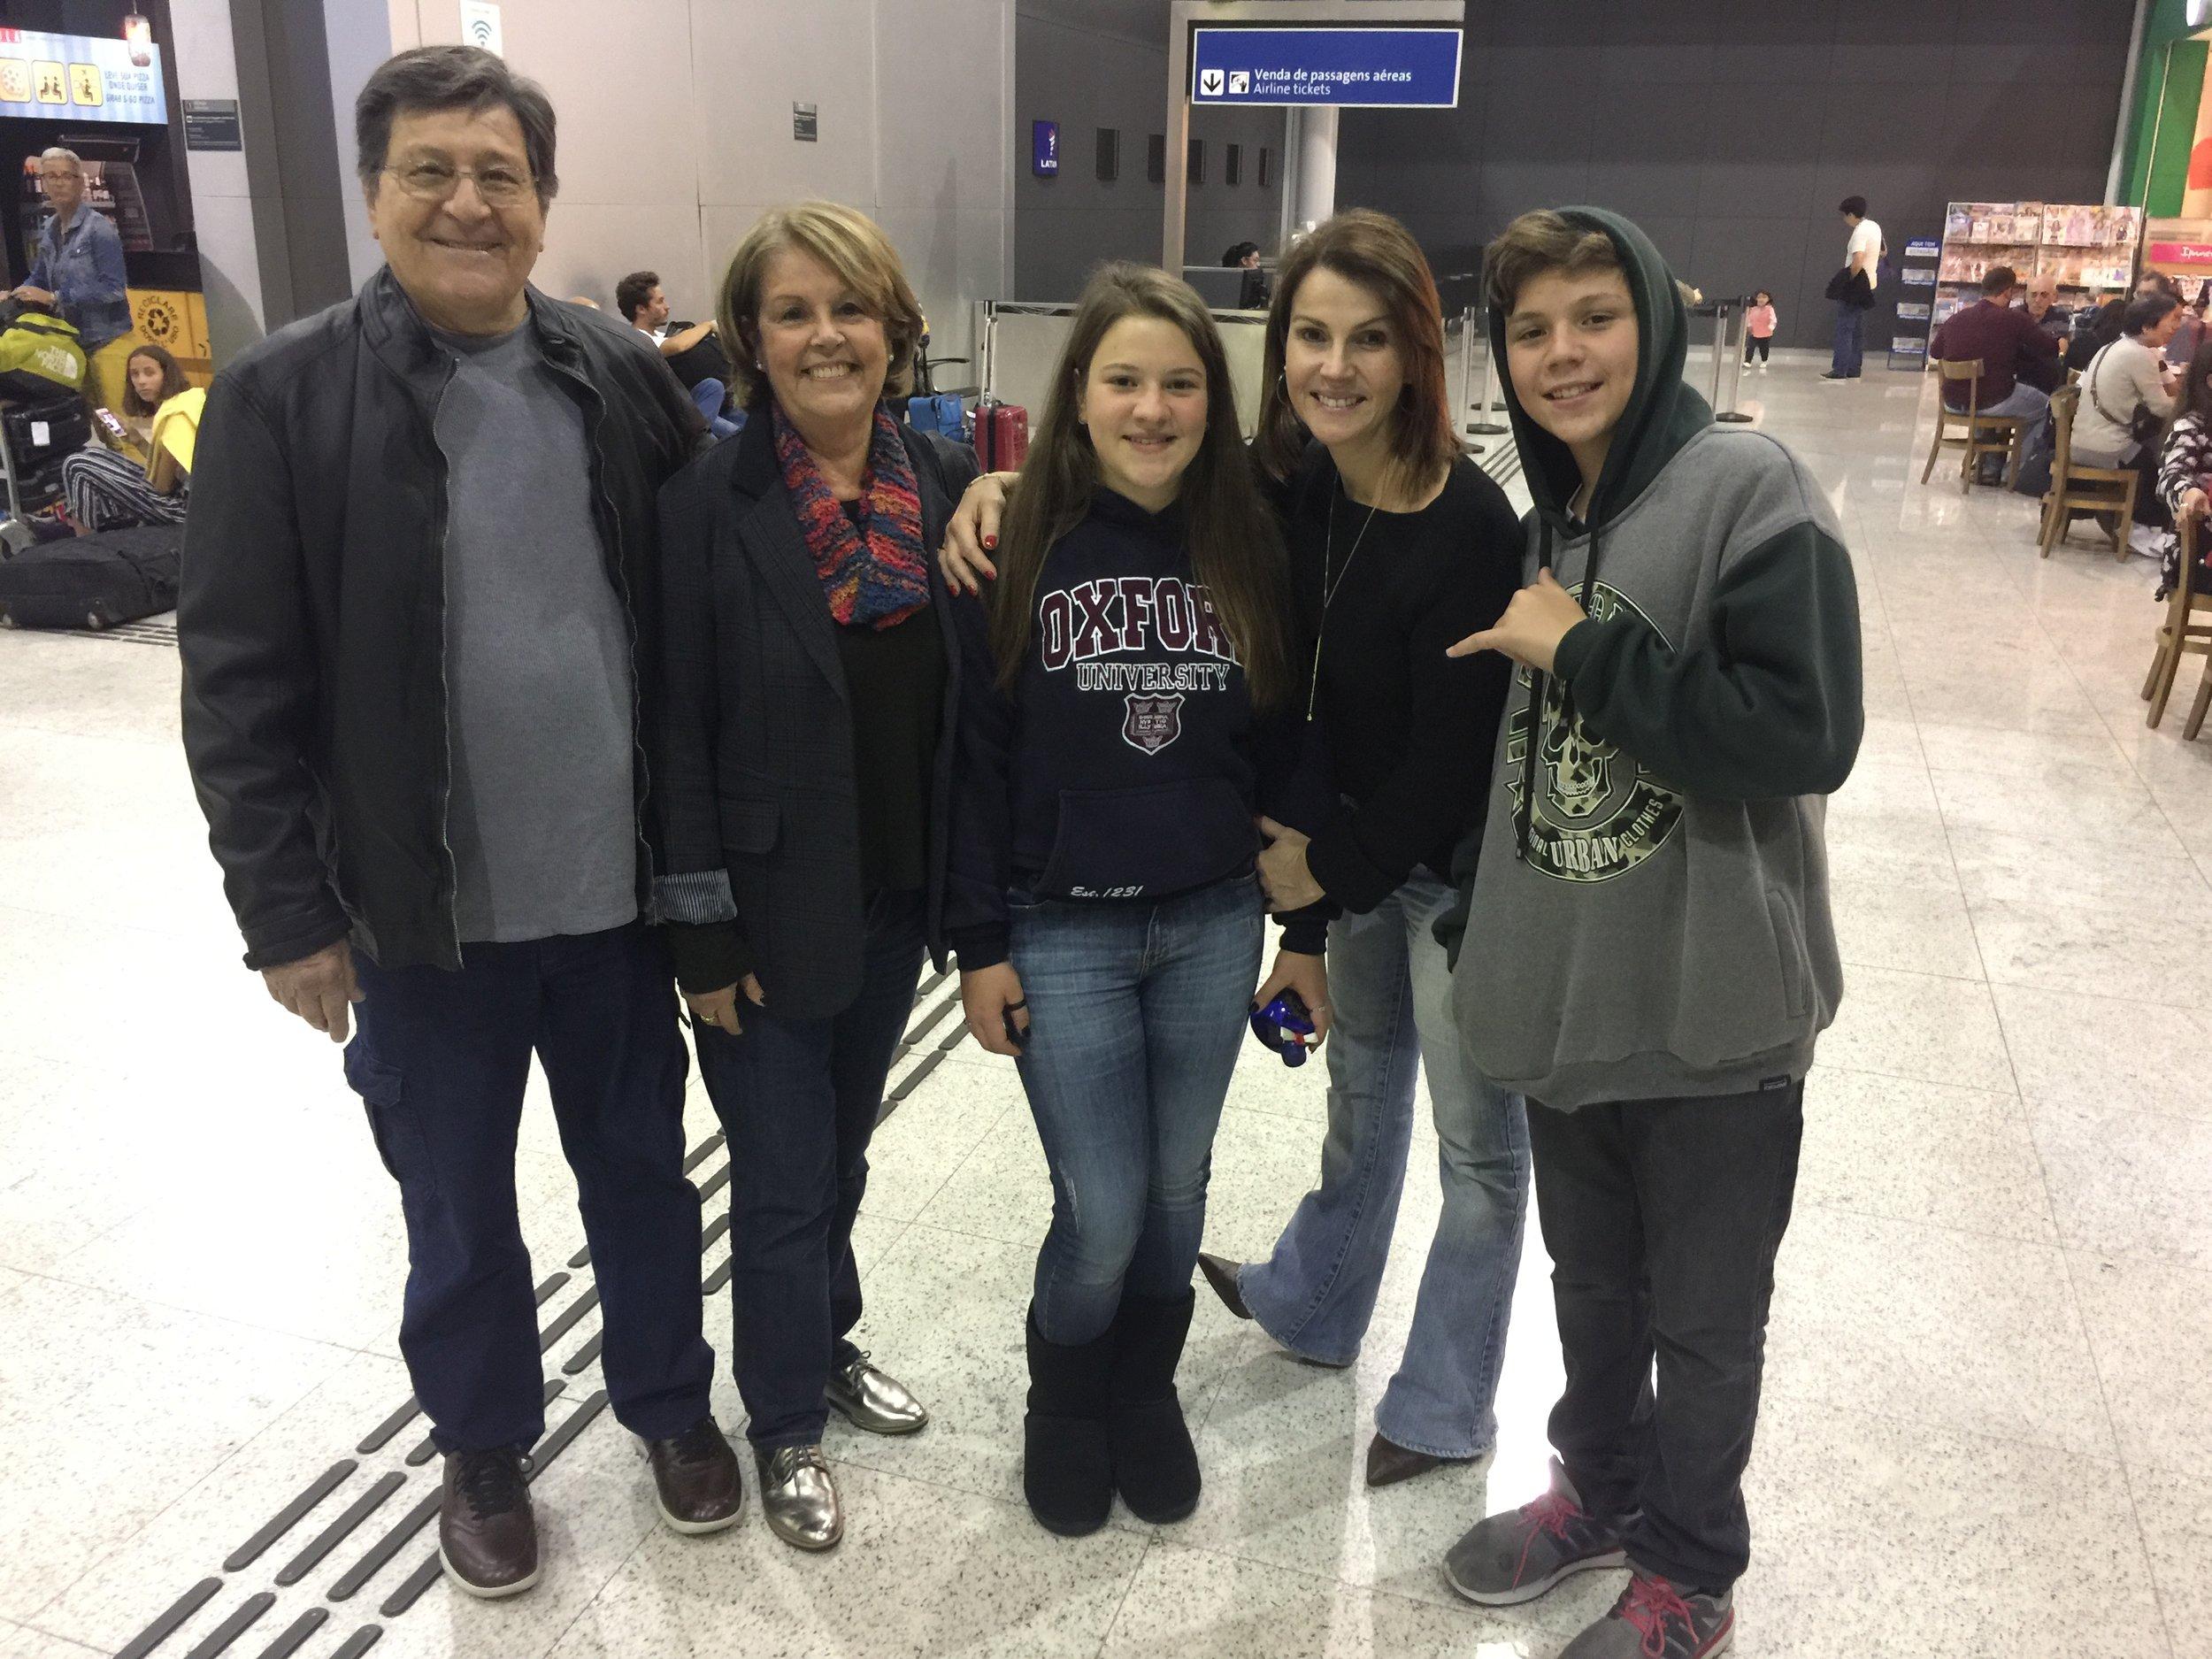 Ana Beatriz com a família no aeroporto.